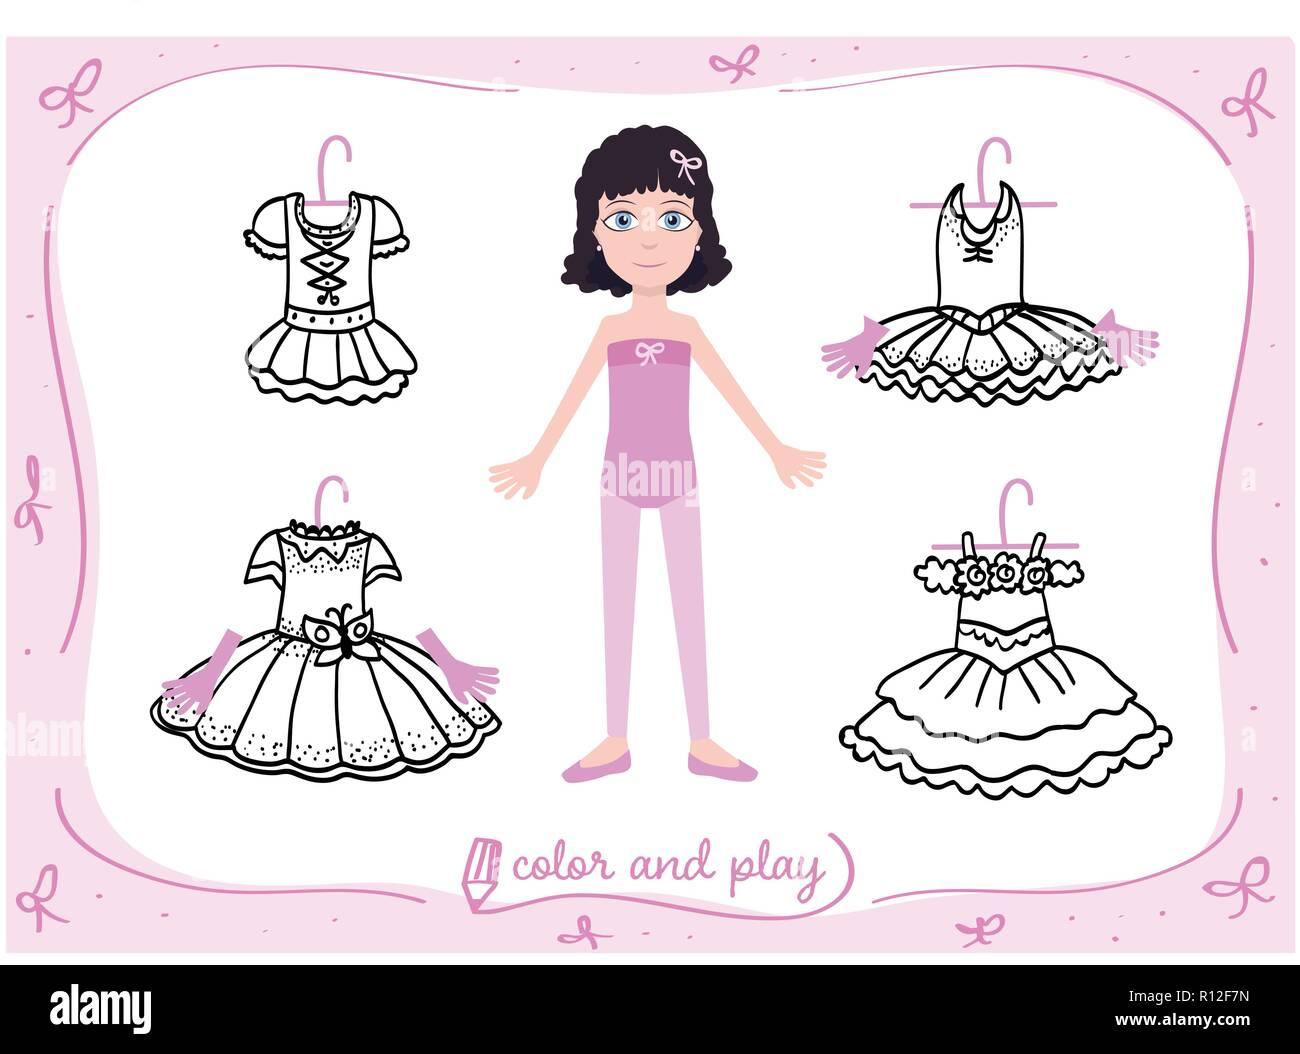 Jeune Fille Comme Petite Danseuse De Ballet Habille La